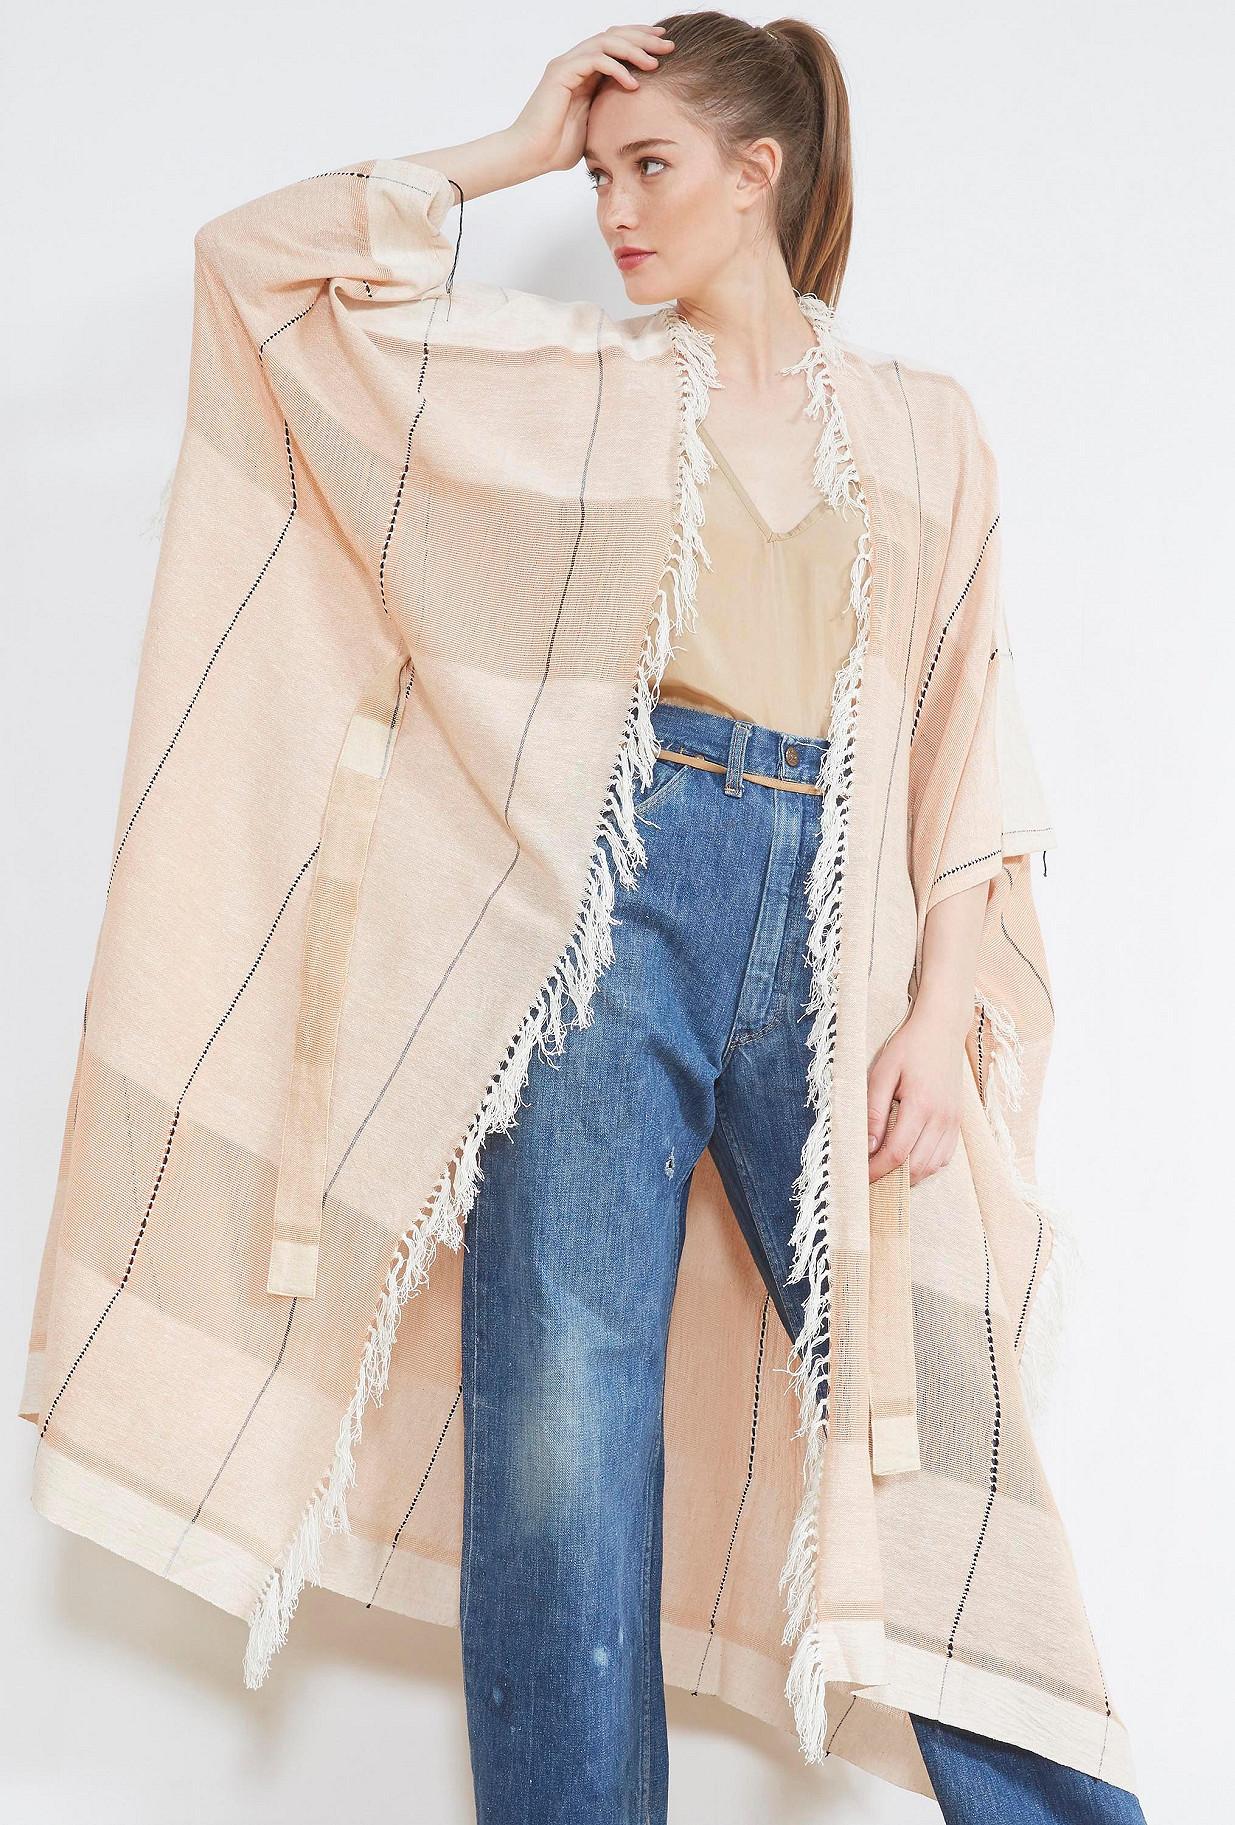 clothes store KIMONO  Sorrente french designer fashion Paris